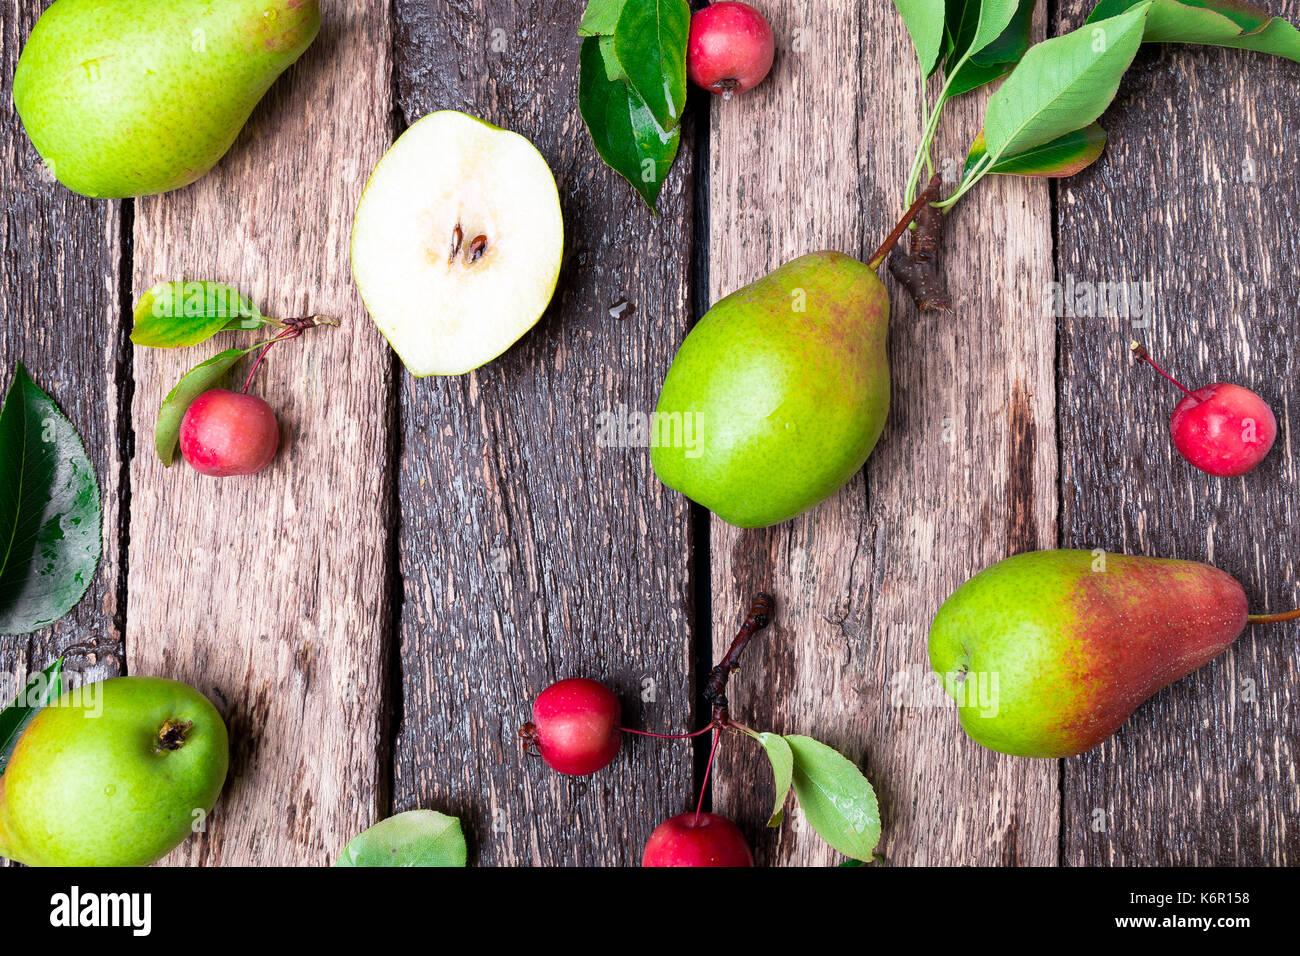 Poire et petite pomme sur fond rustique en bois. Vue de dessus du châssis. la récolte d'automne. Photo Stock